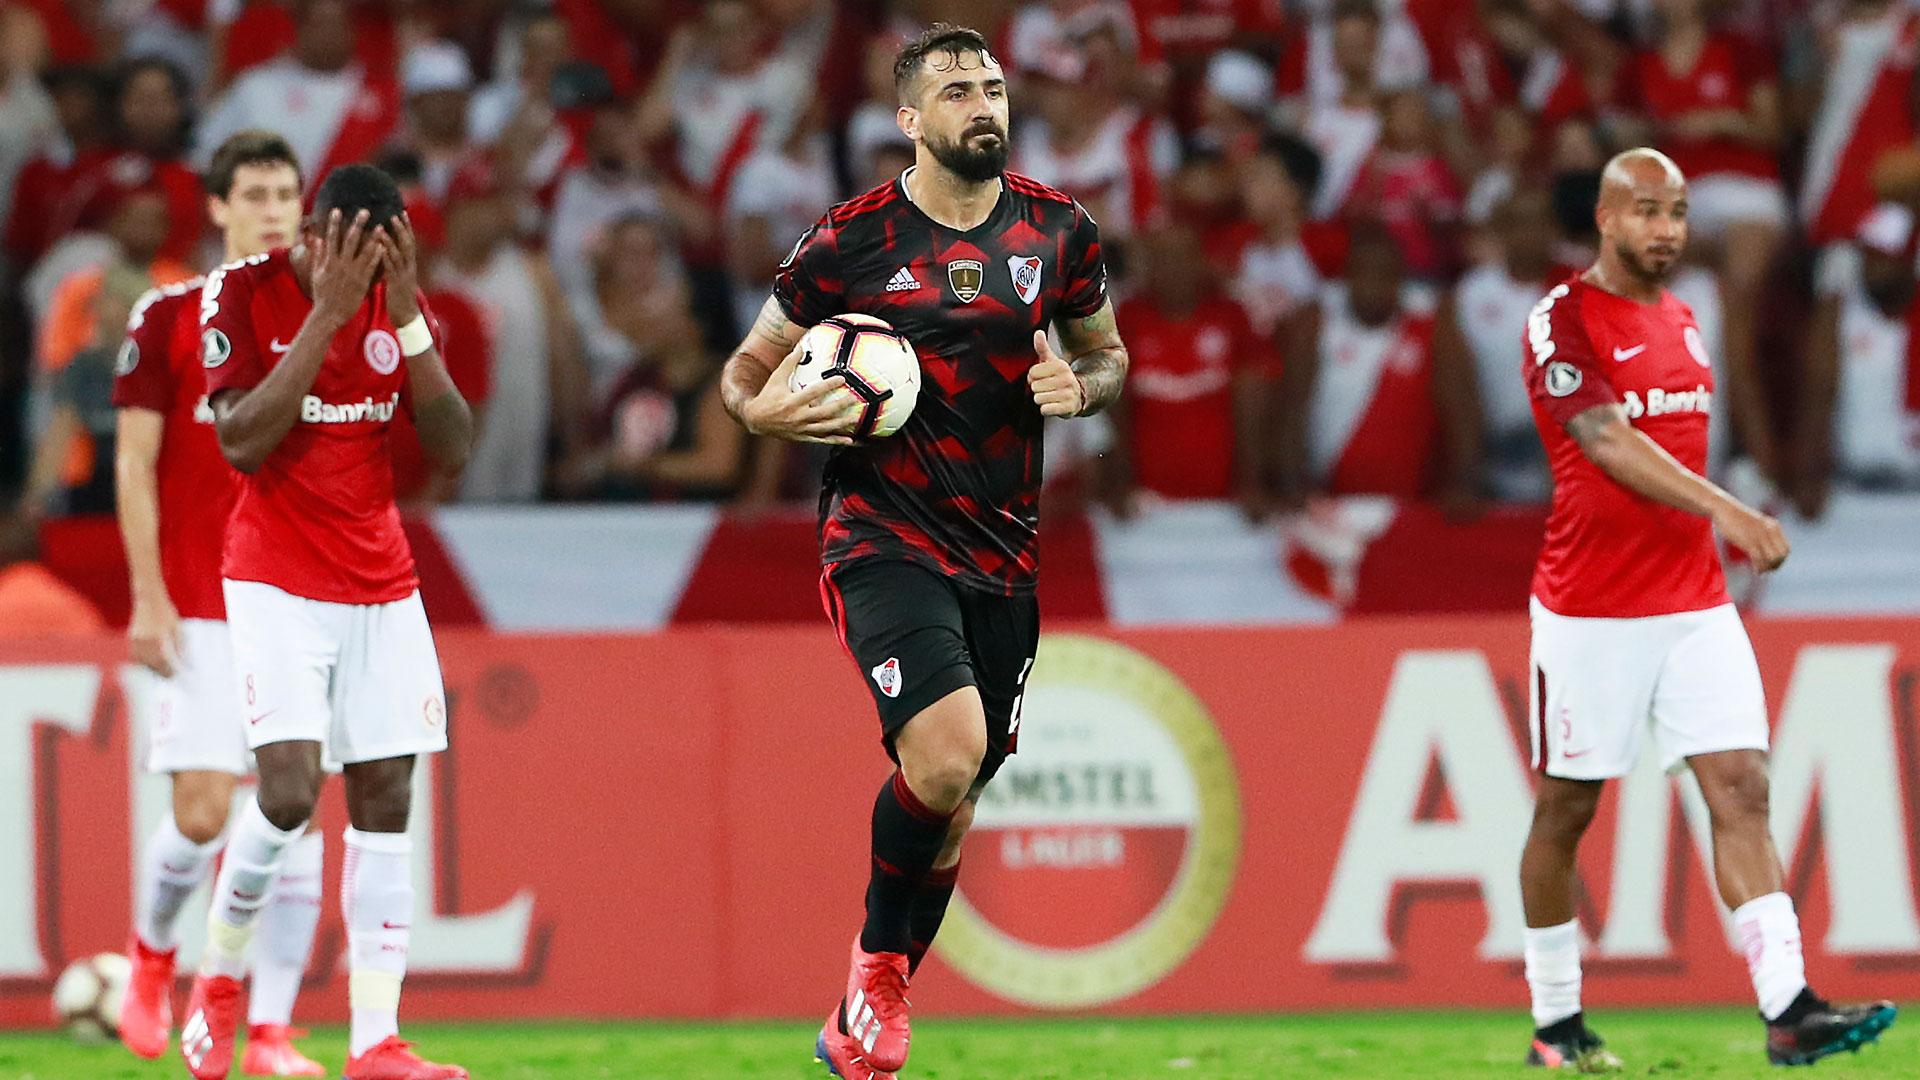 Después de estar 0-2 en el partido de Porto Alegre, Pratto marcó uno de los goles para el empte final (AFP)